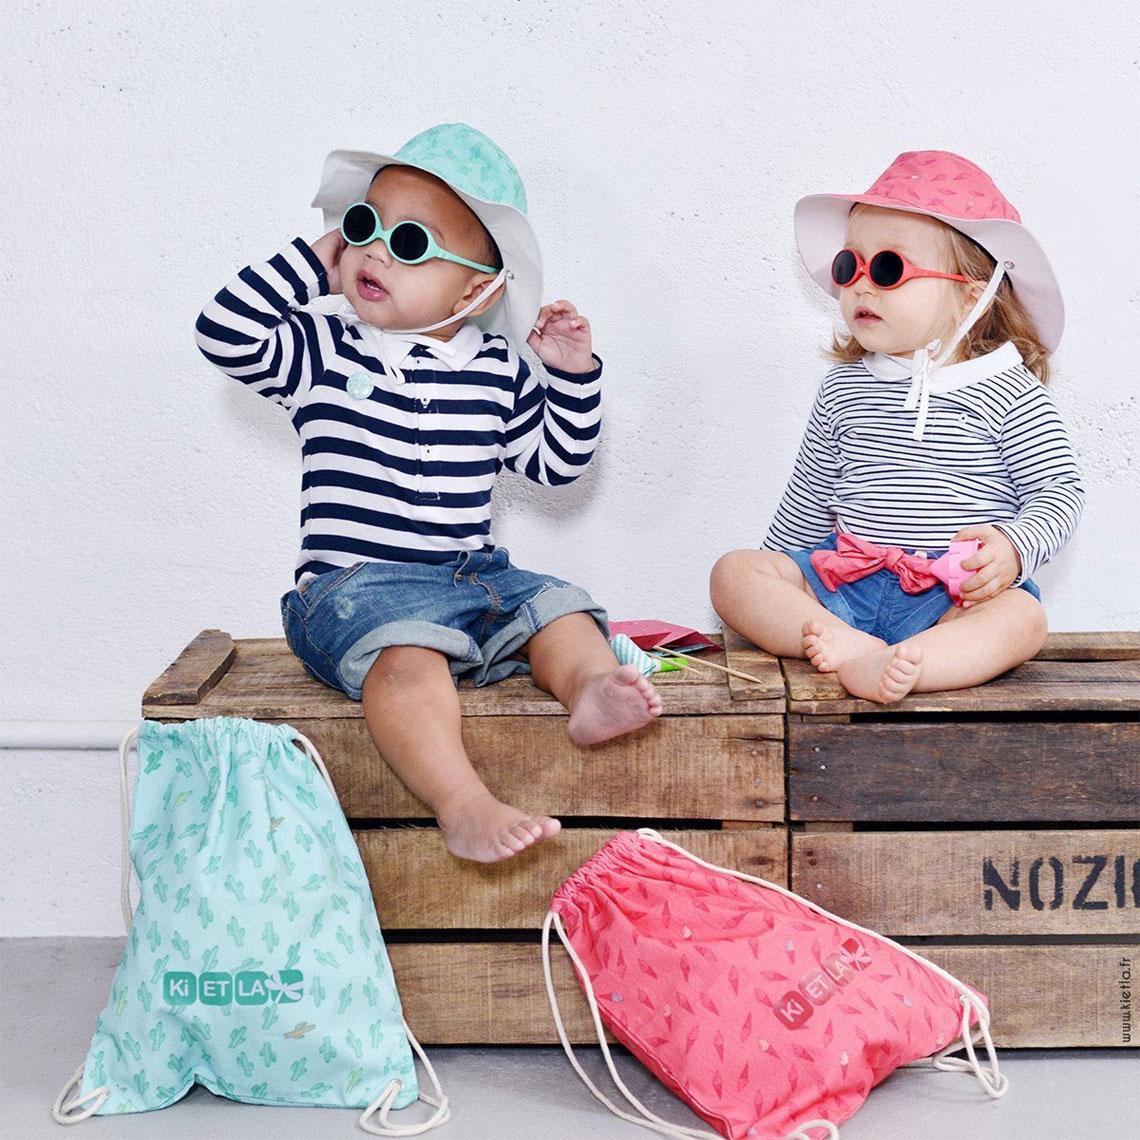 Kietla dětské kloboučky